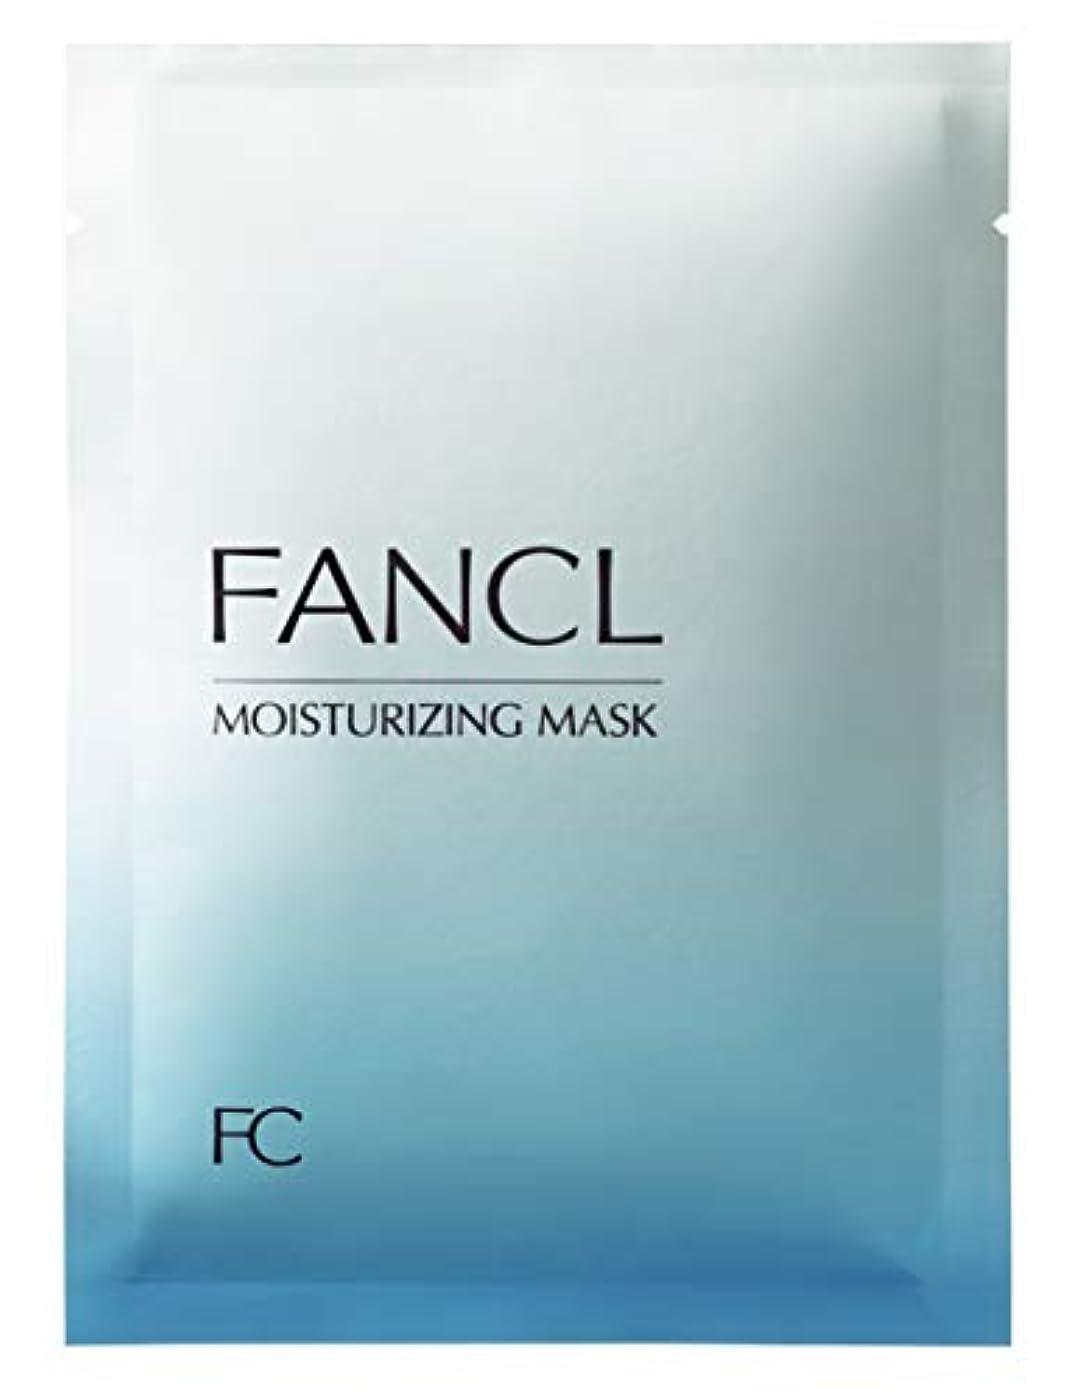 バクテリア酸素機知に富んだファンケル (FANCL) モイスチャライジング マスク 6枚セット (18mL×6)